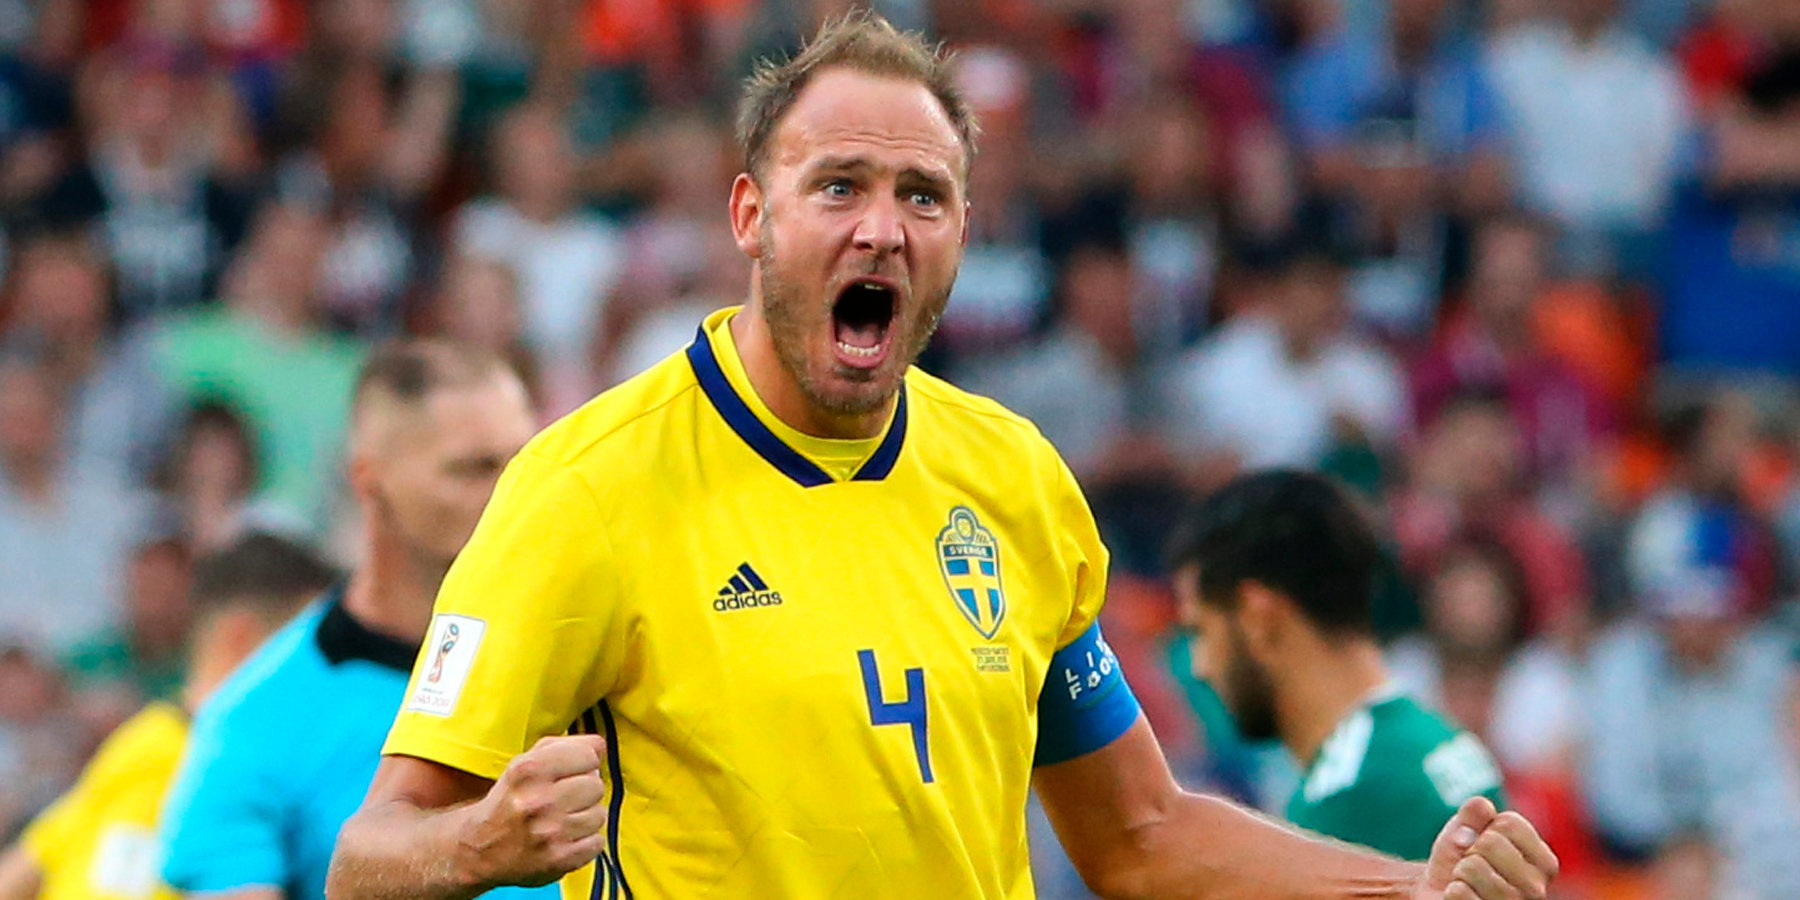 Экс-защитник «Краснодара» Гранквист завершил спортивную карьеру